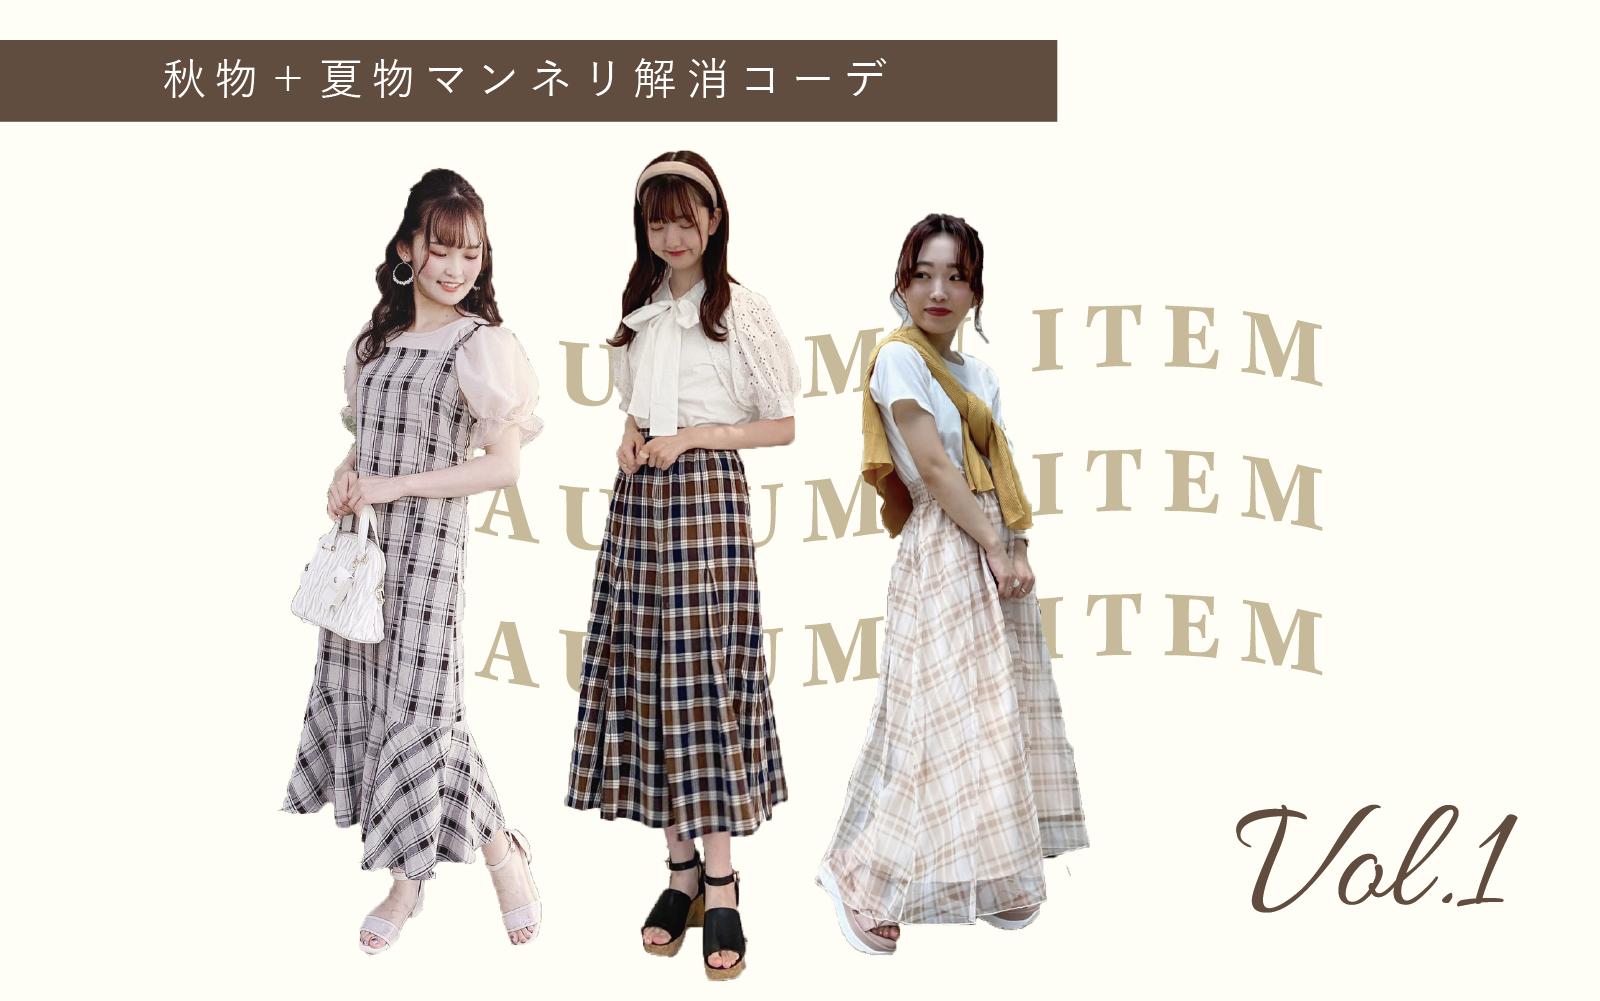 秋物+夏物でマンネリ解消コーデ👗💕Vol.1